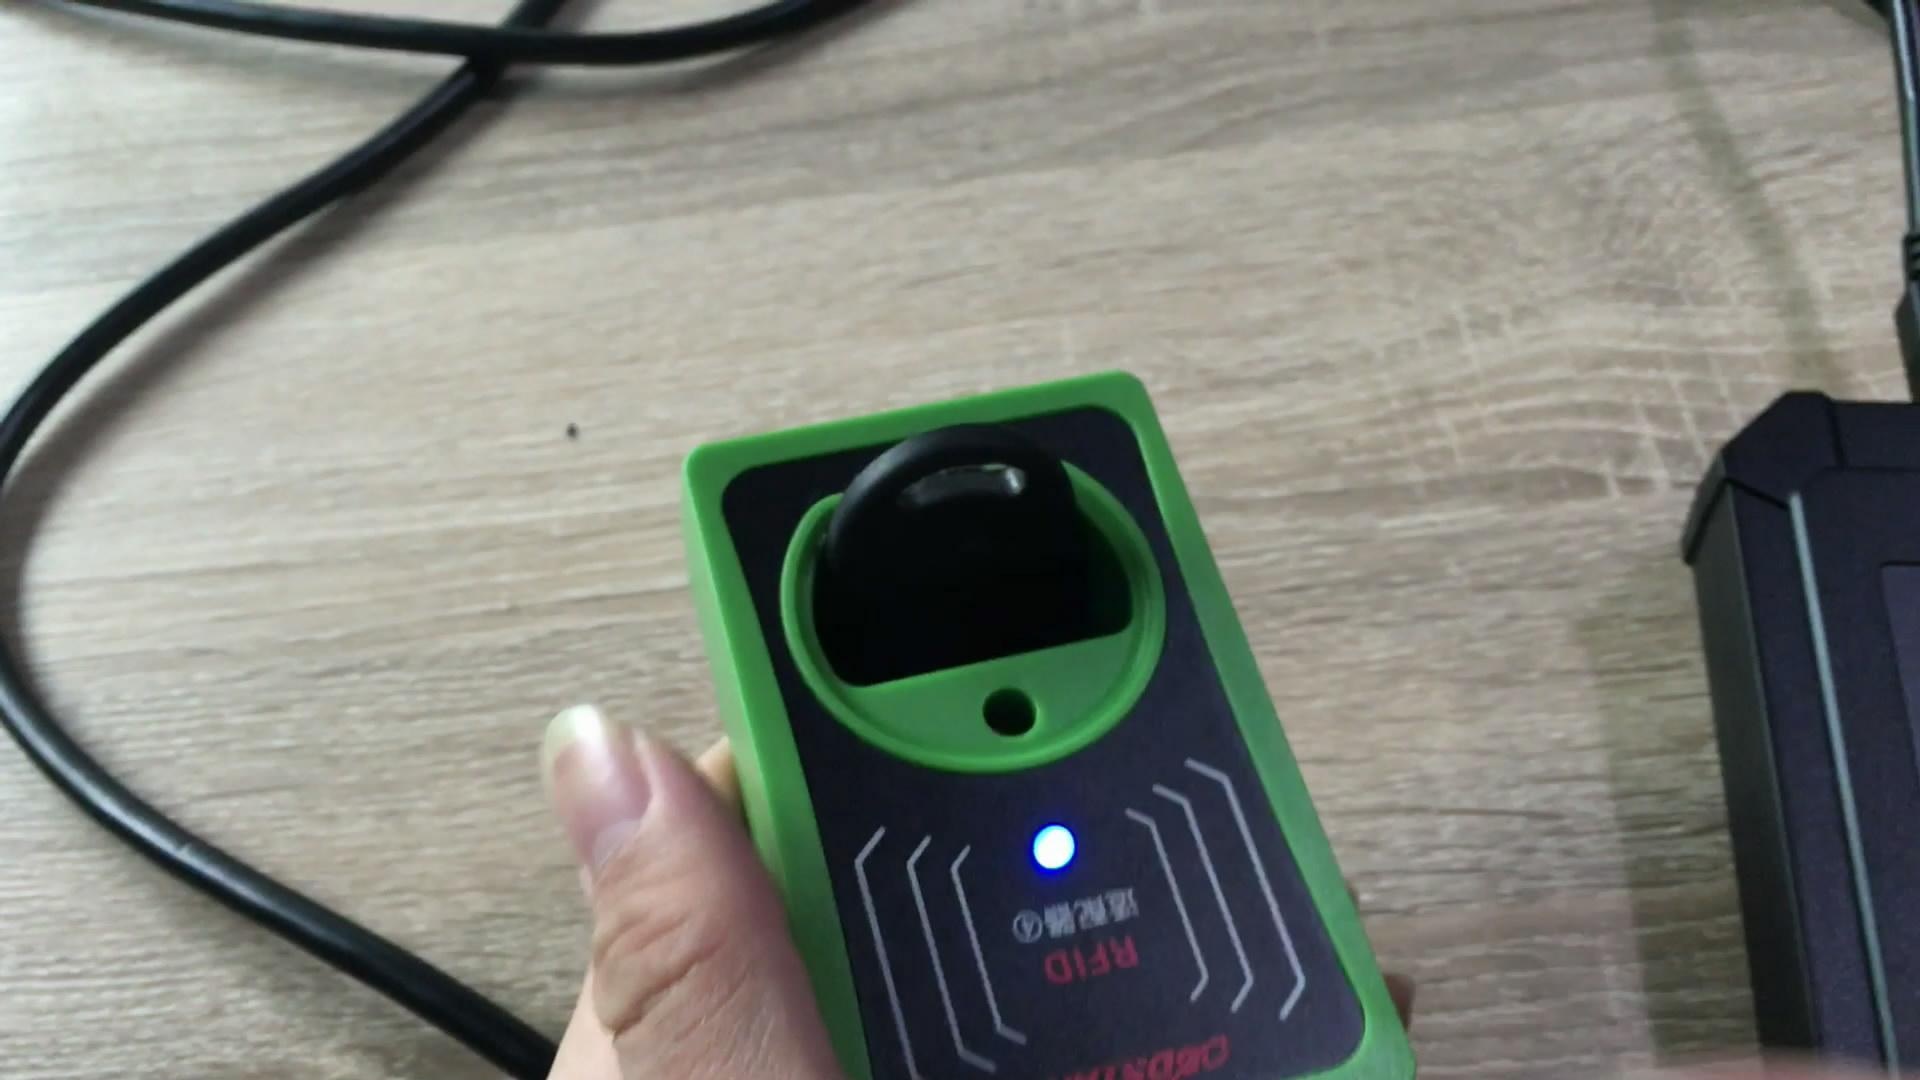 obdstar-rfid-adapter-to-program-key-on-4th-vw-18